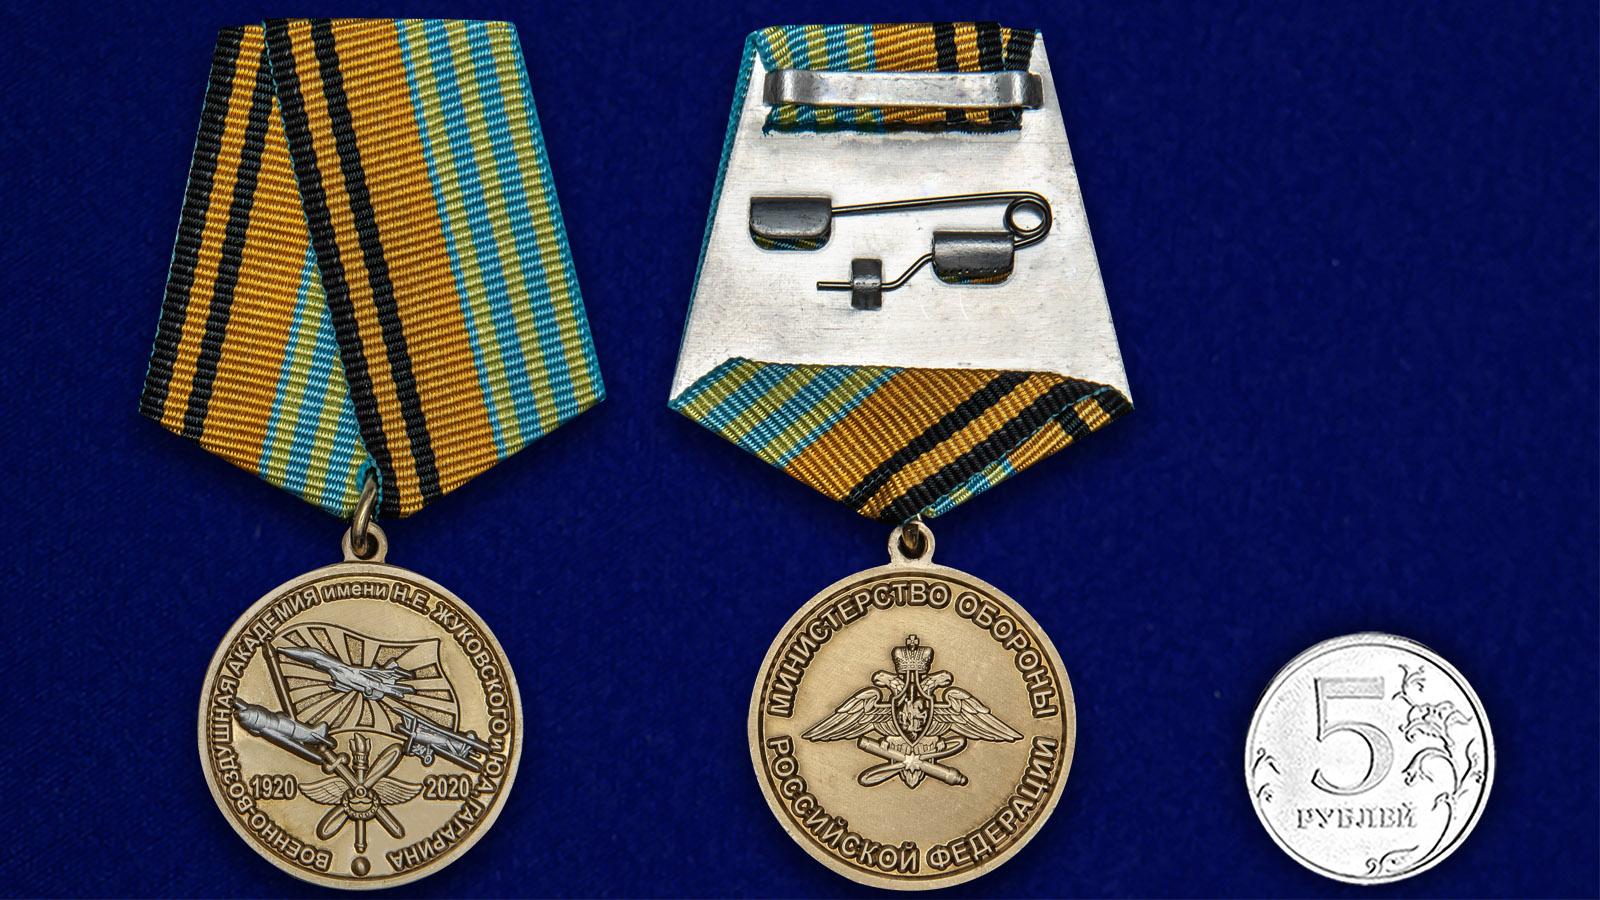 Латунная медаль 100 лет Военно-воздушной академии им. Н.Е. Жуковского и Ю.А. Гагарина - сравнительный вид